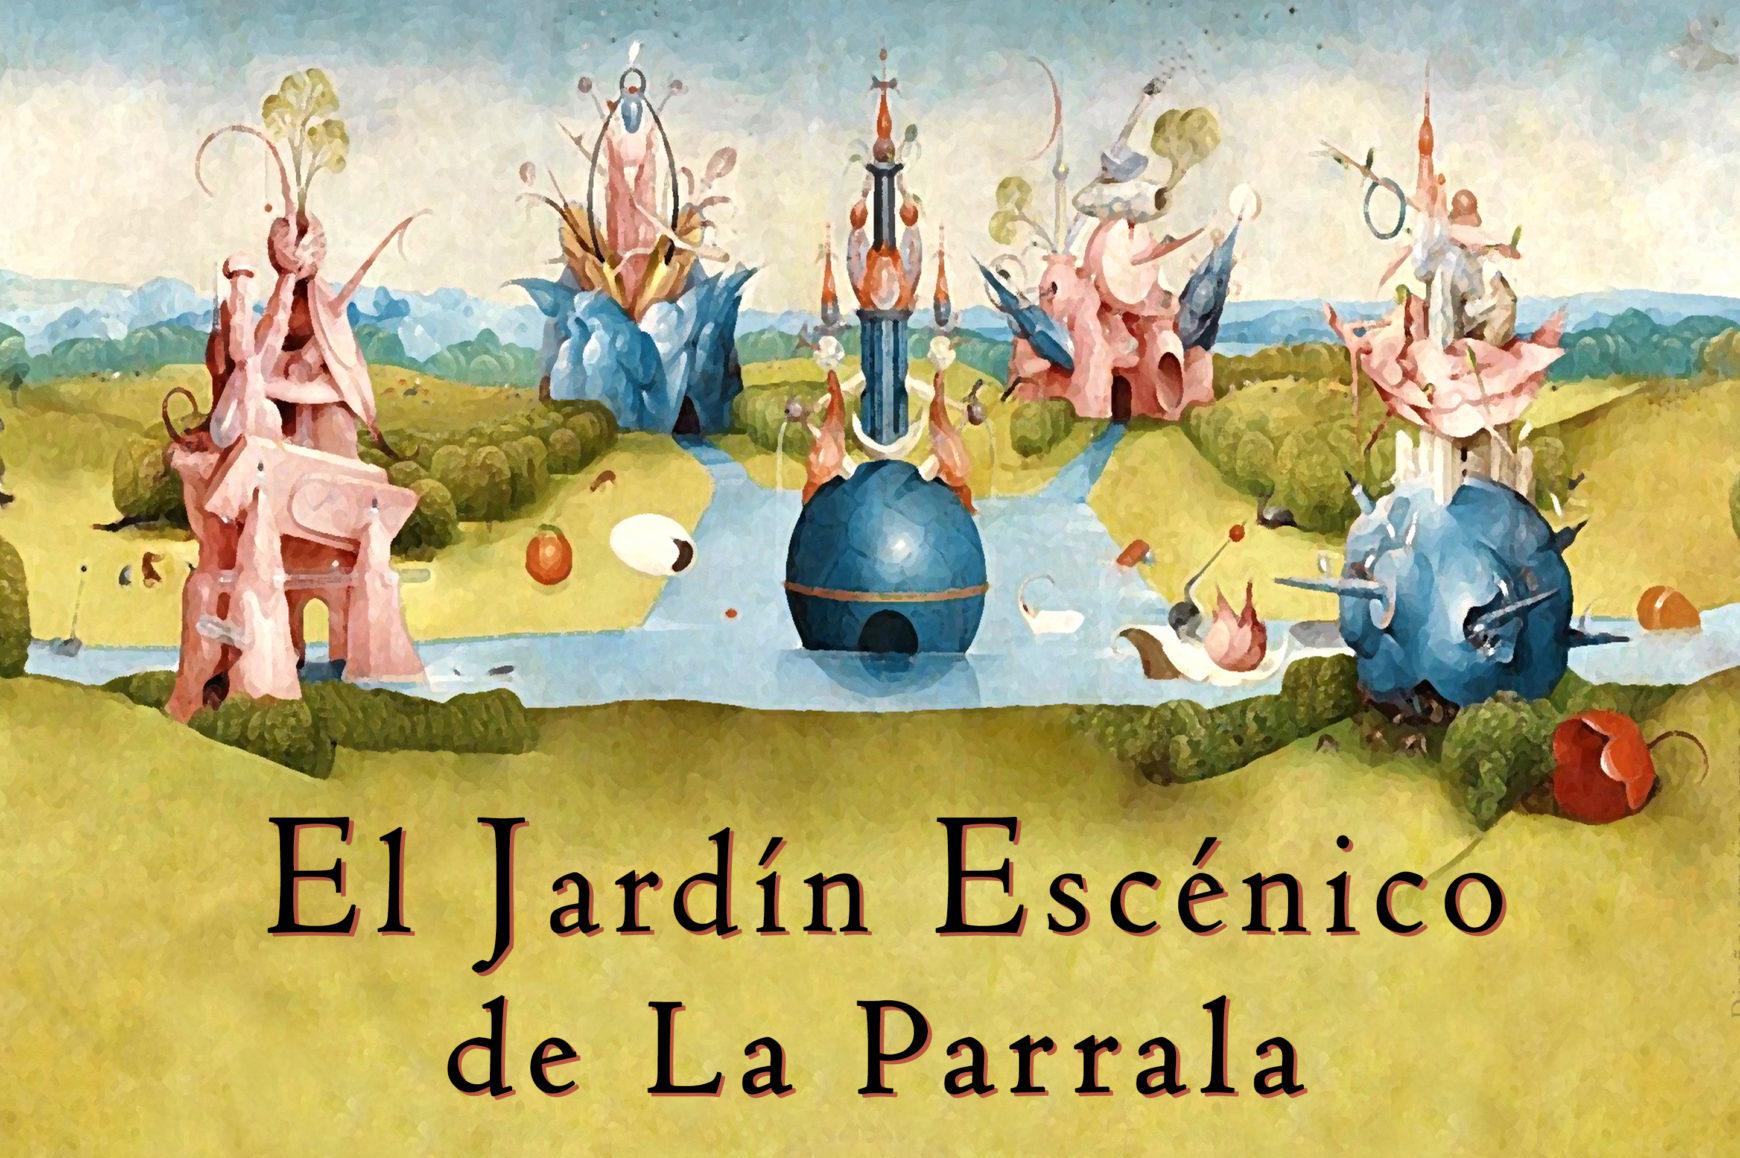 Jardín Escénico de La Parrala